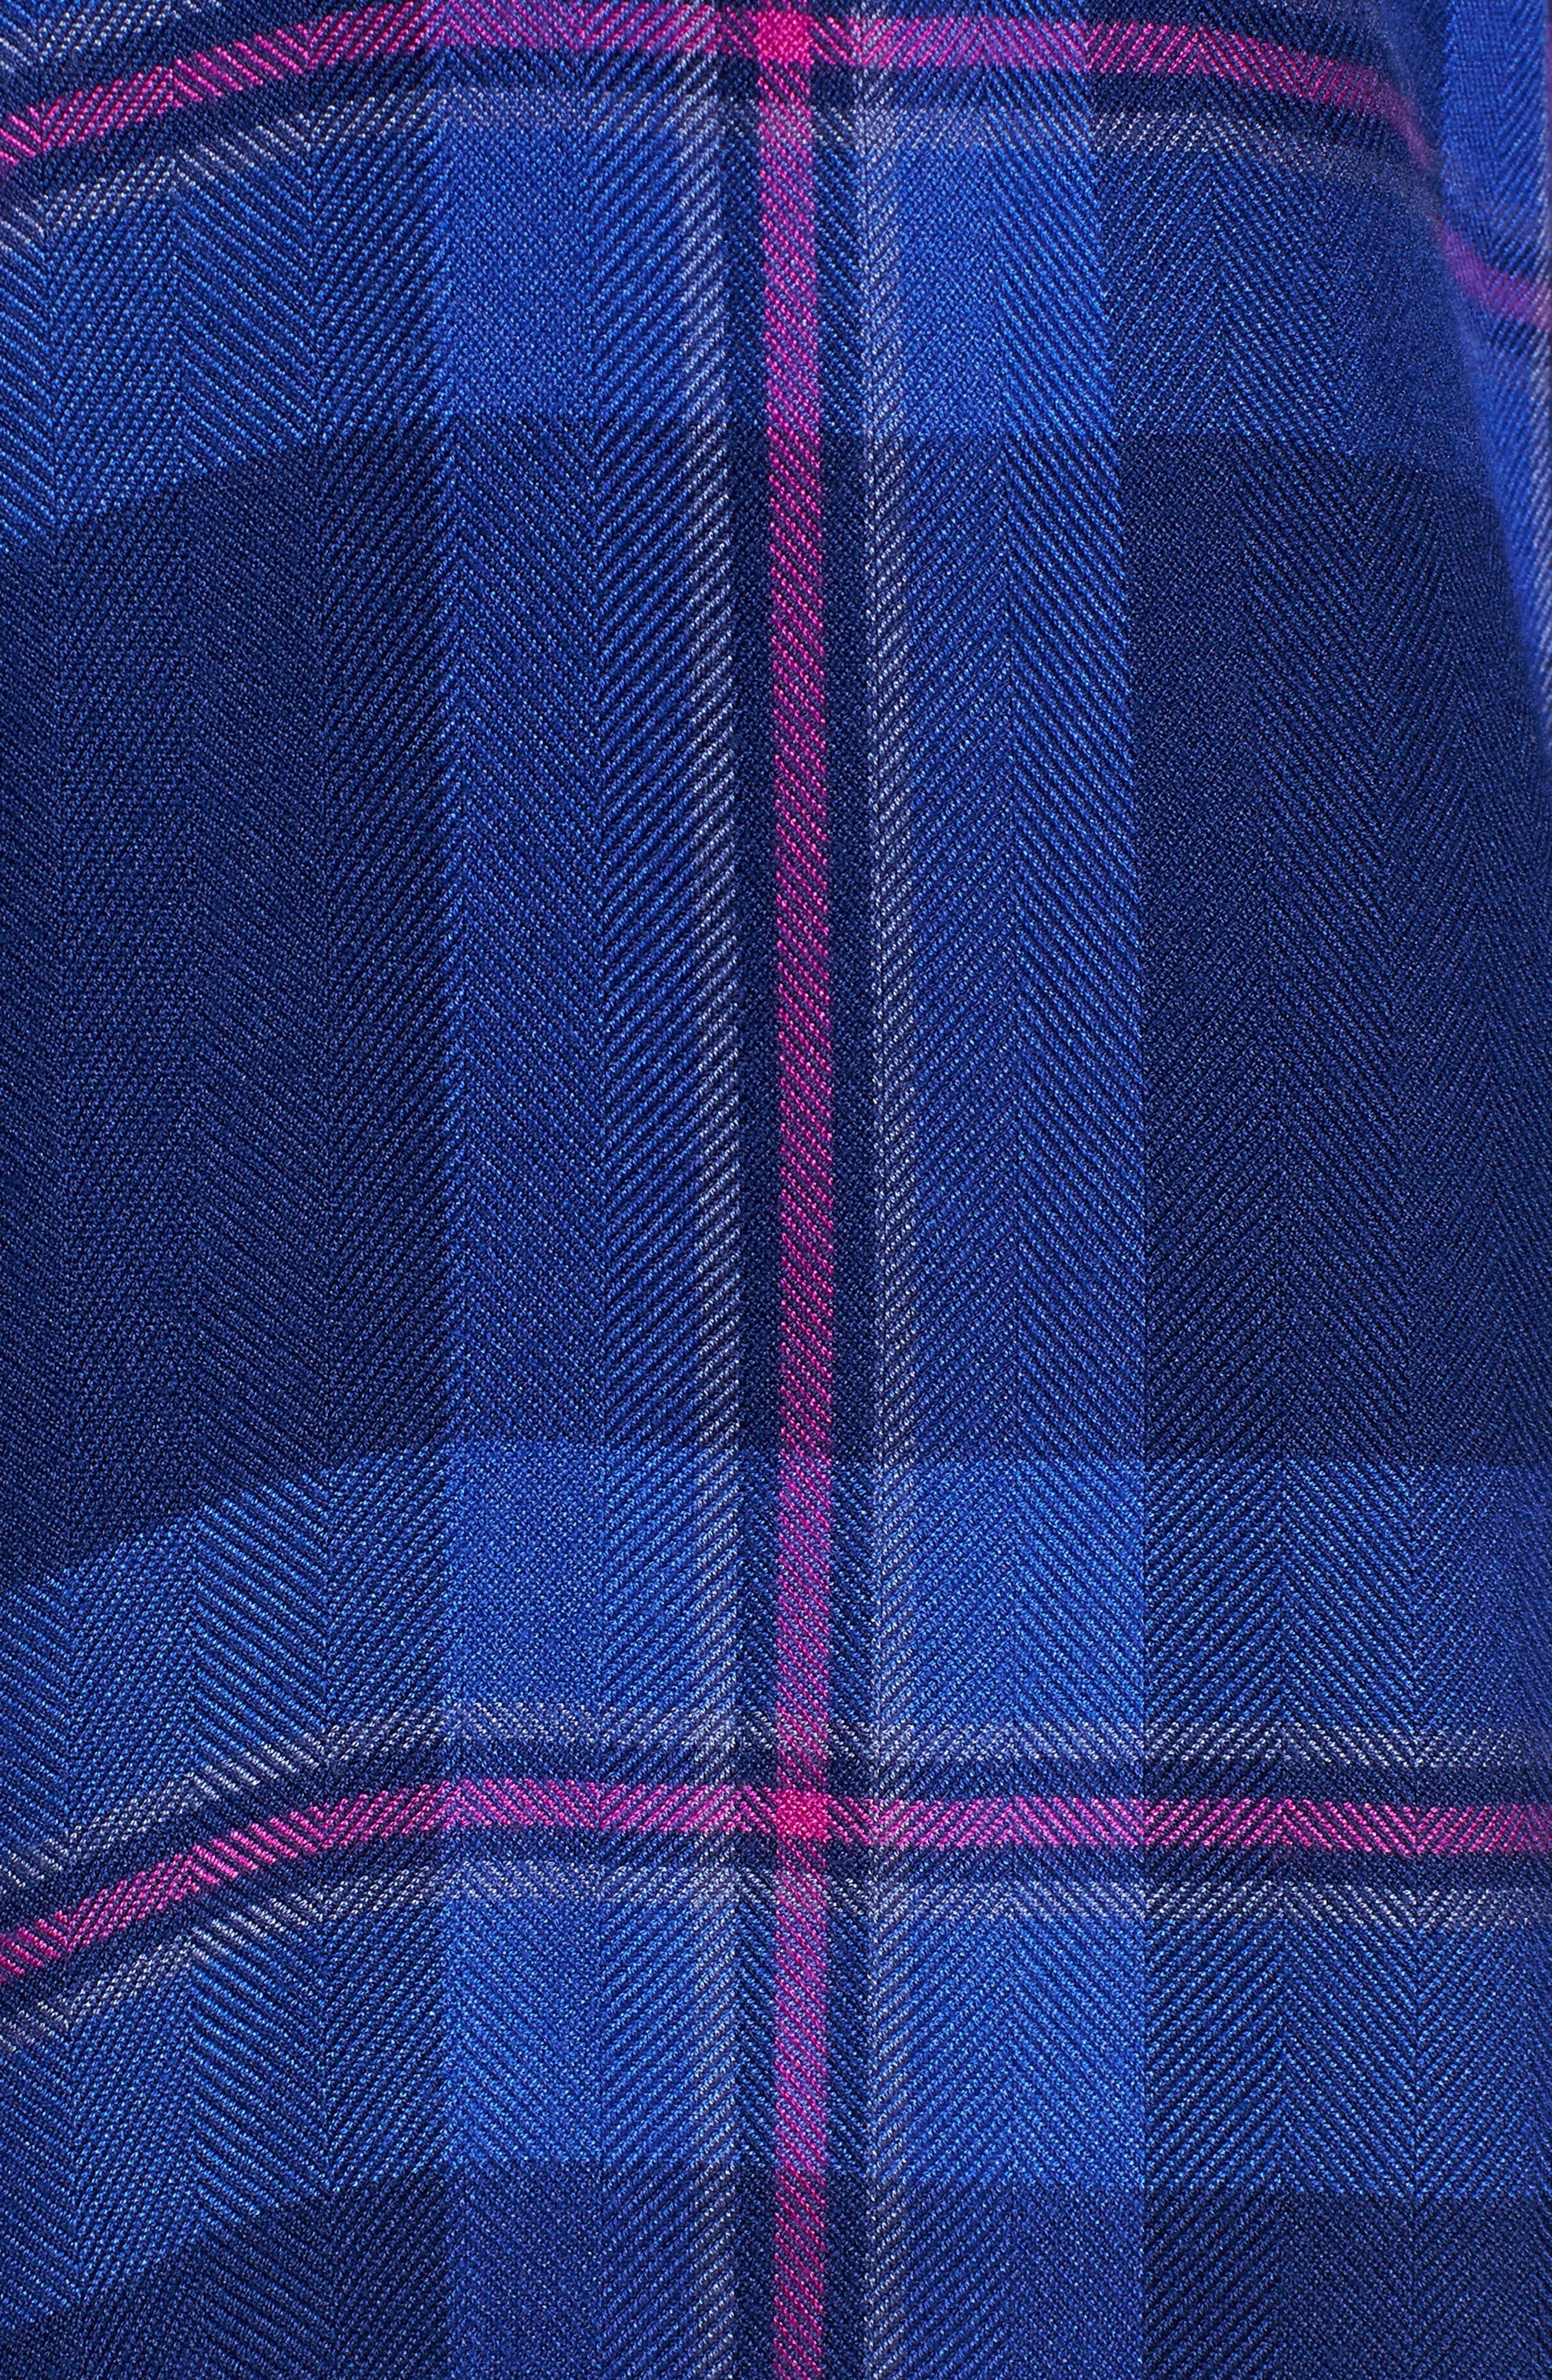 Hunter Plaid Shirt,                             Alternate thumbnail 598, color,